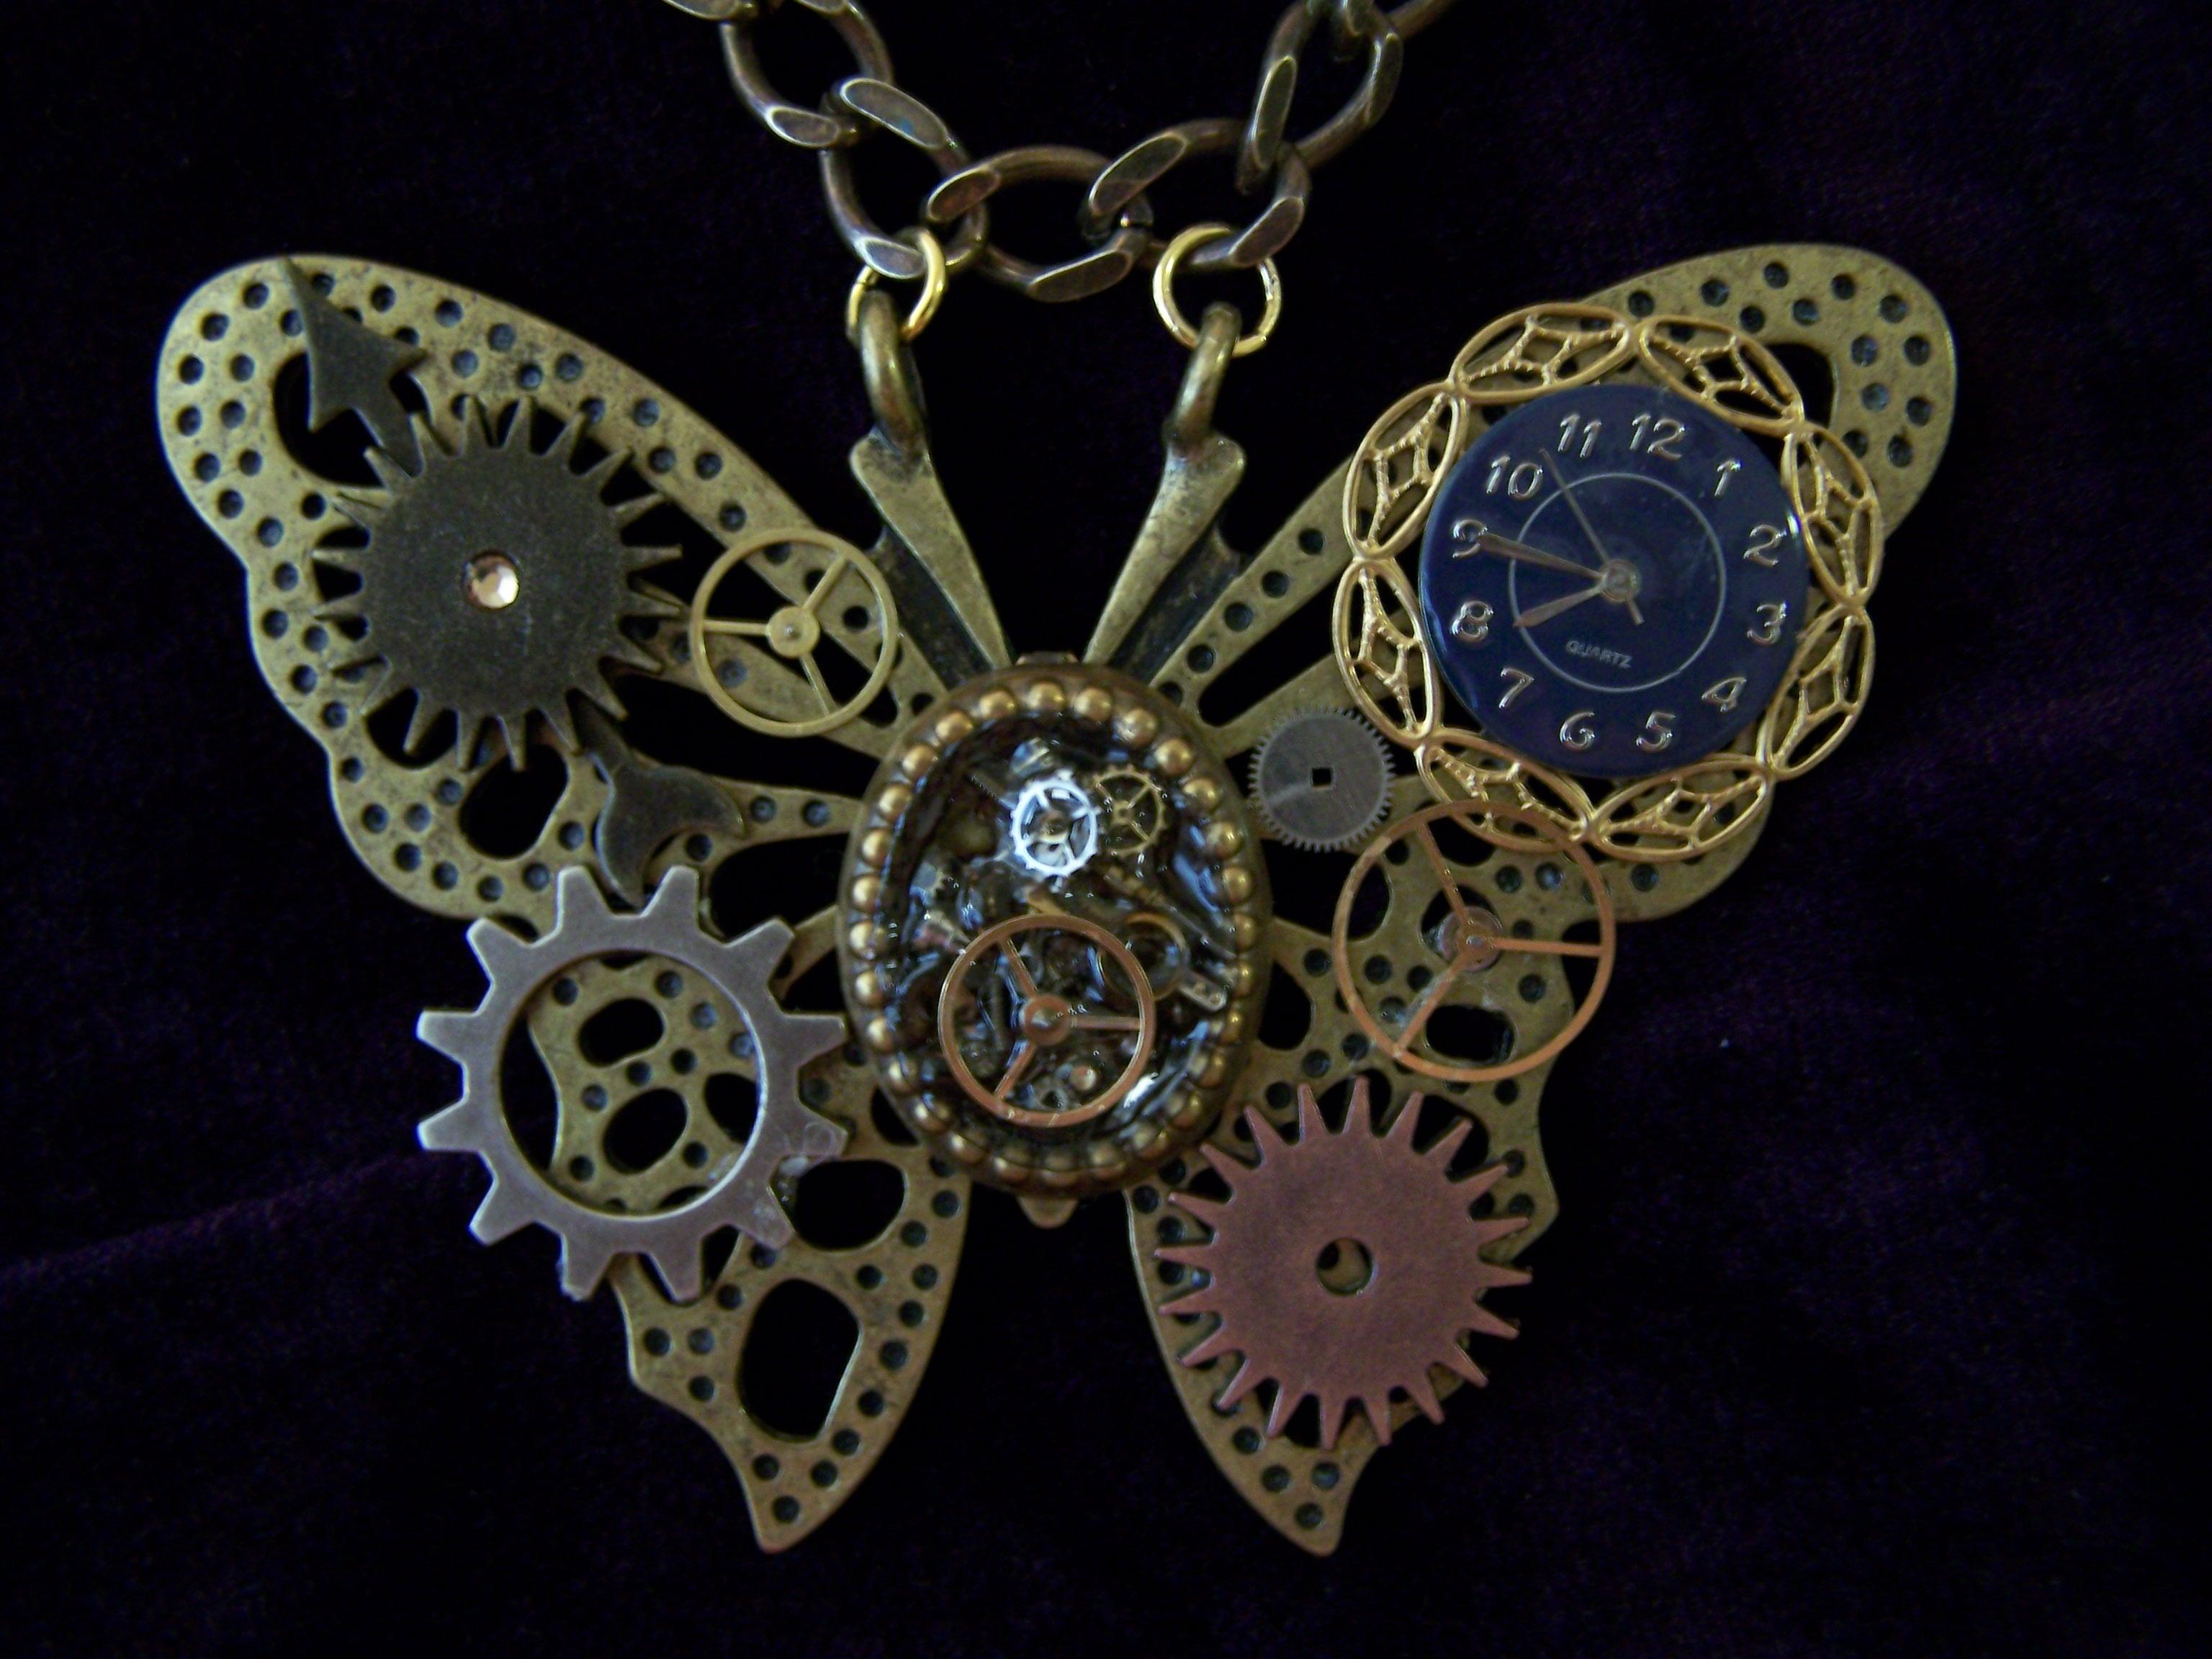 http://fc01.deviantart.net/fs46/f/2009/221/3/f/Steampunk_Industrial_Butterfly_by_SteamPunkJennie.jpg